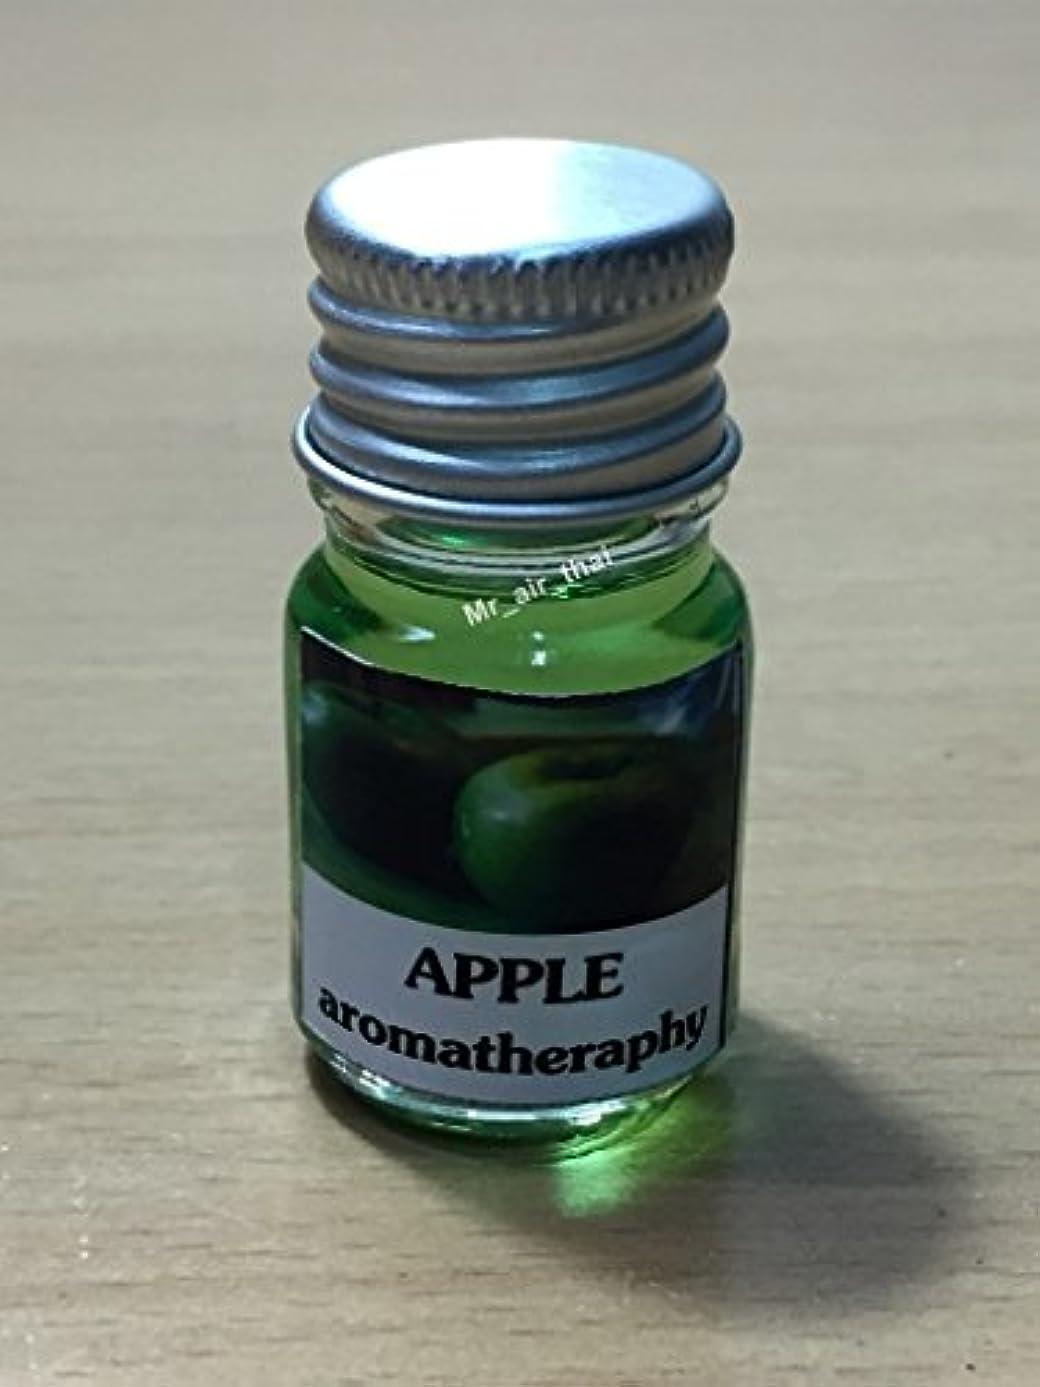 商人広告主静かな5ミリリットルアロマアップル(グリーン)フランクインセンスエッセンシャルオイルボトルアロマテラピーオイル自然自然5ml Aroma Apple (Green) Frankincense Essential Oil Bottles...